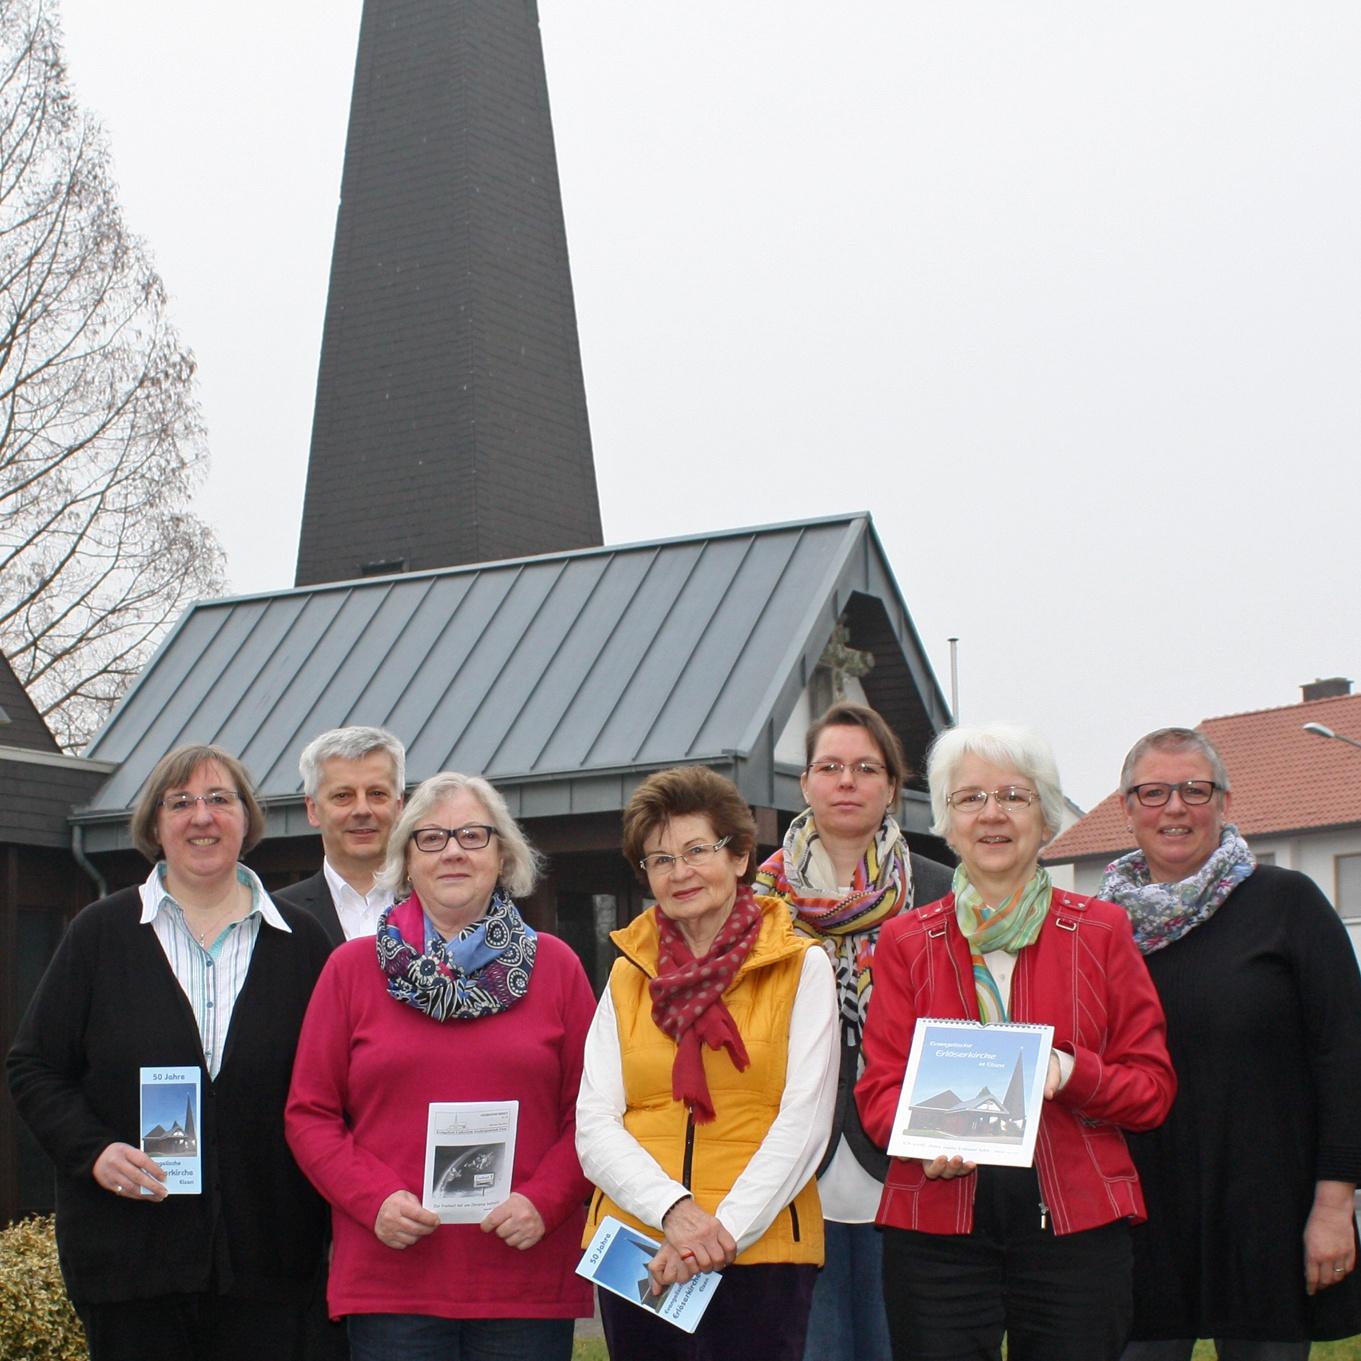 Evangelische Kirchengemeinde feiert mit vielfältigem Programm 50 Jahre Erlöserkirche in Elsen